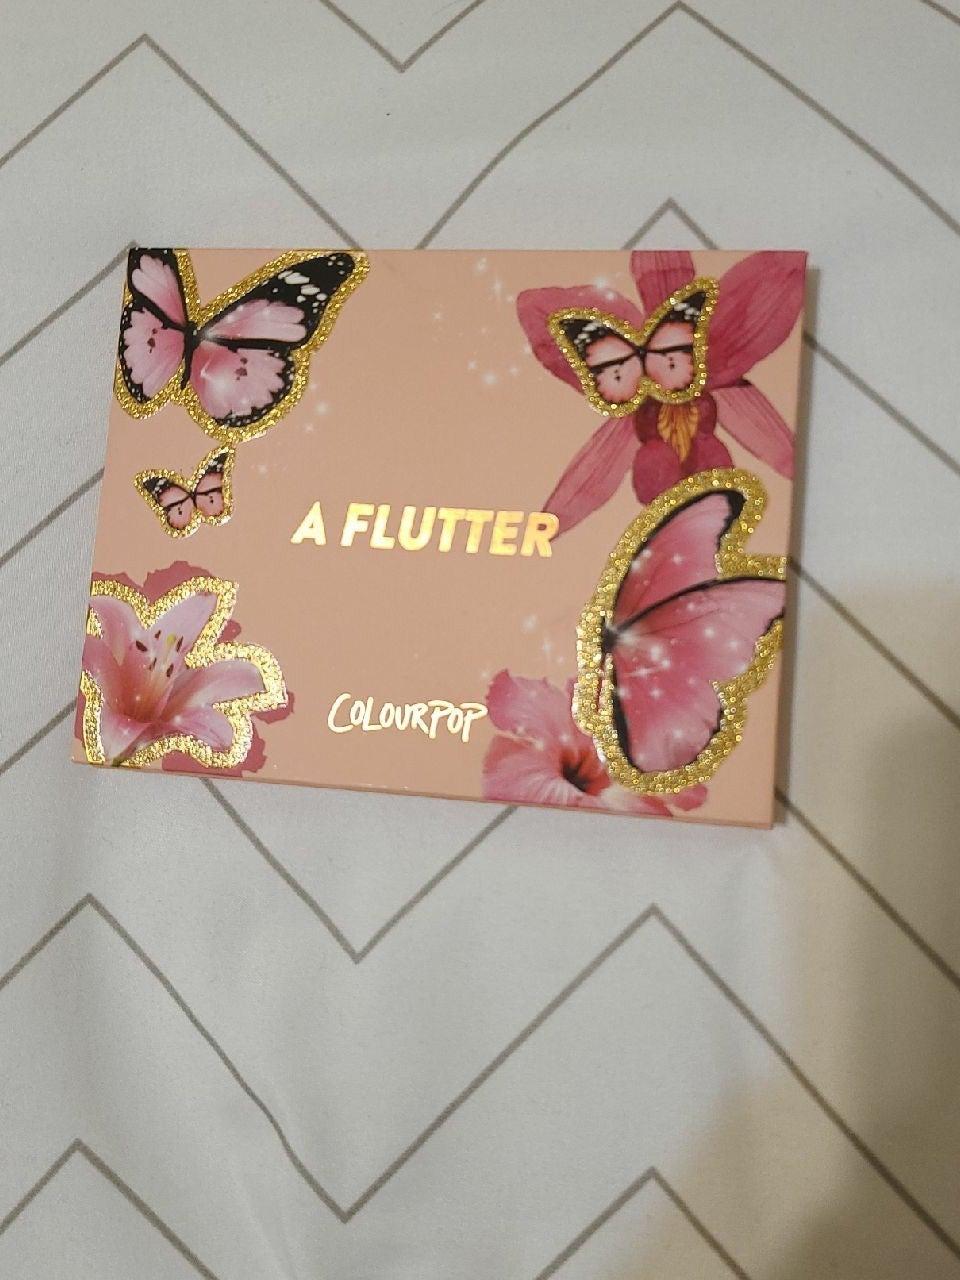 Colourpop A Flutter Palette